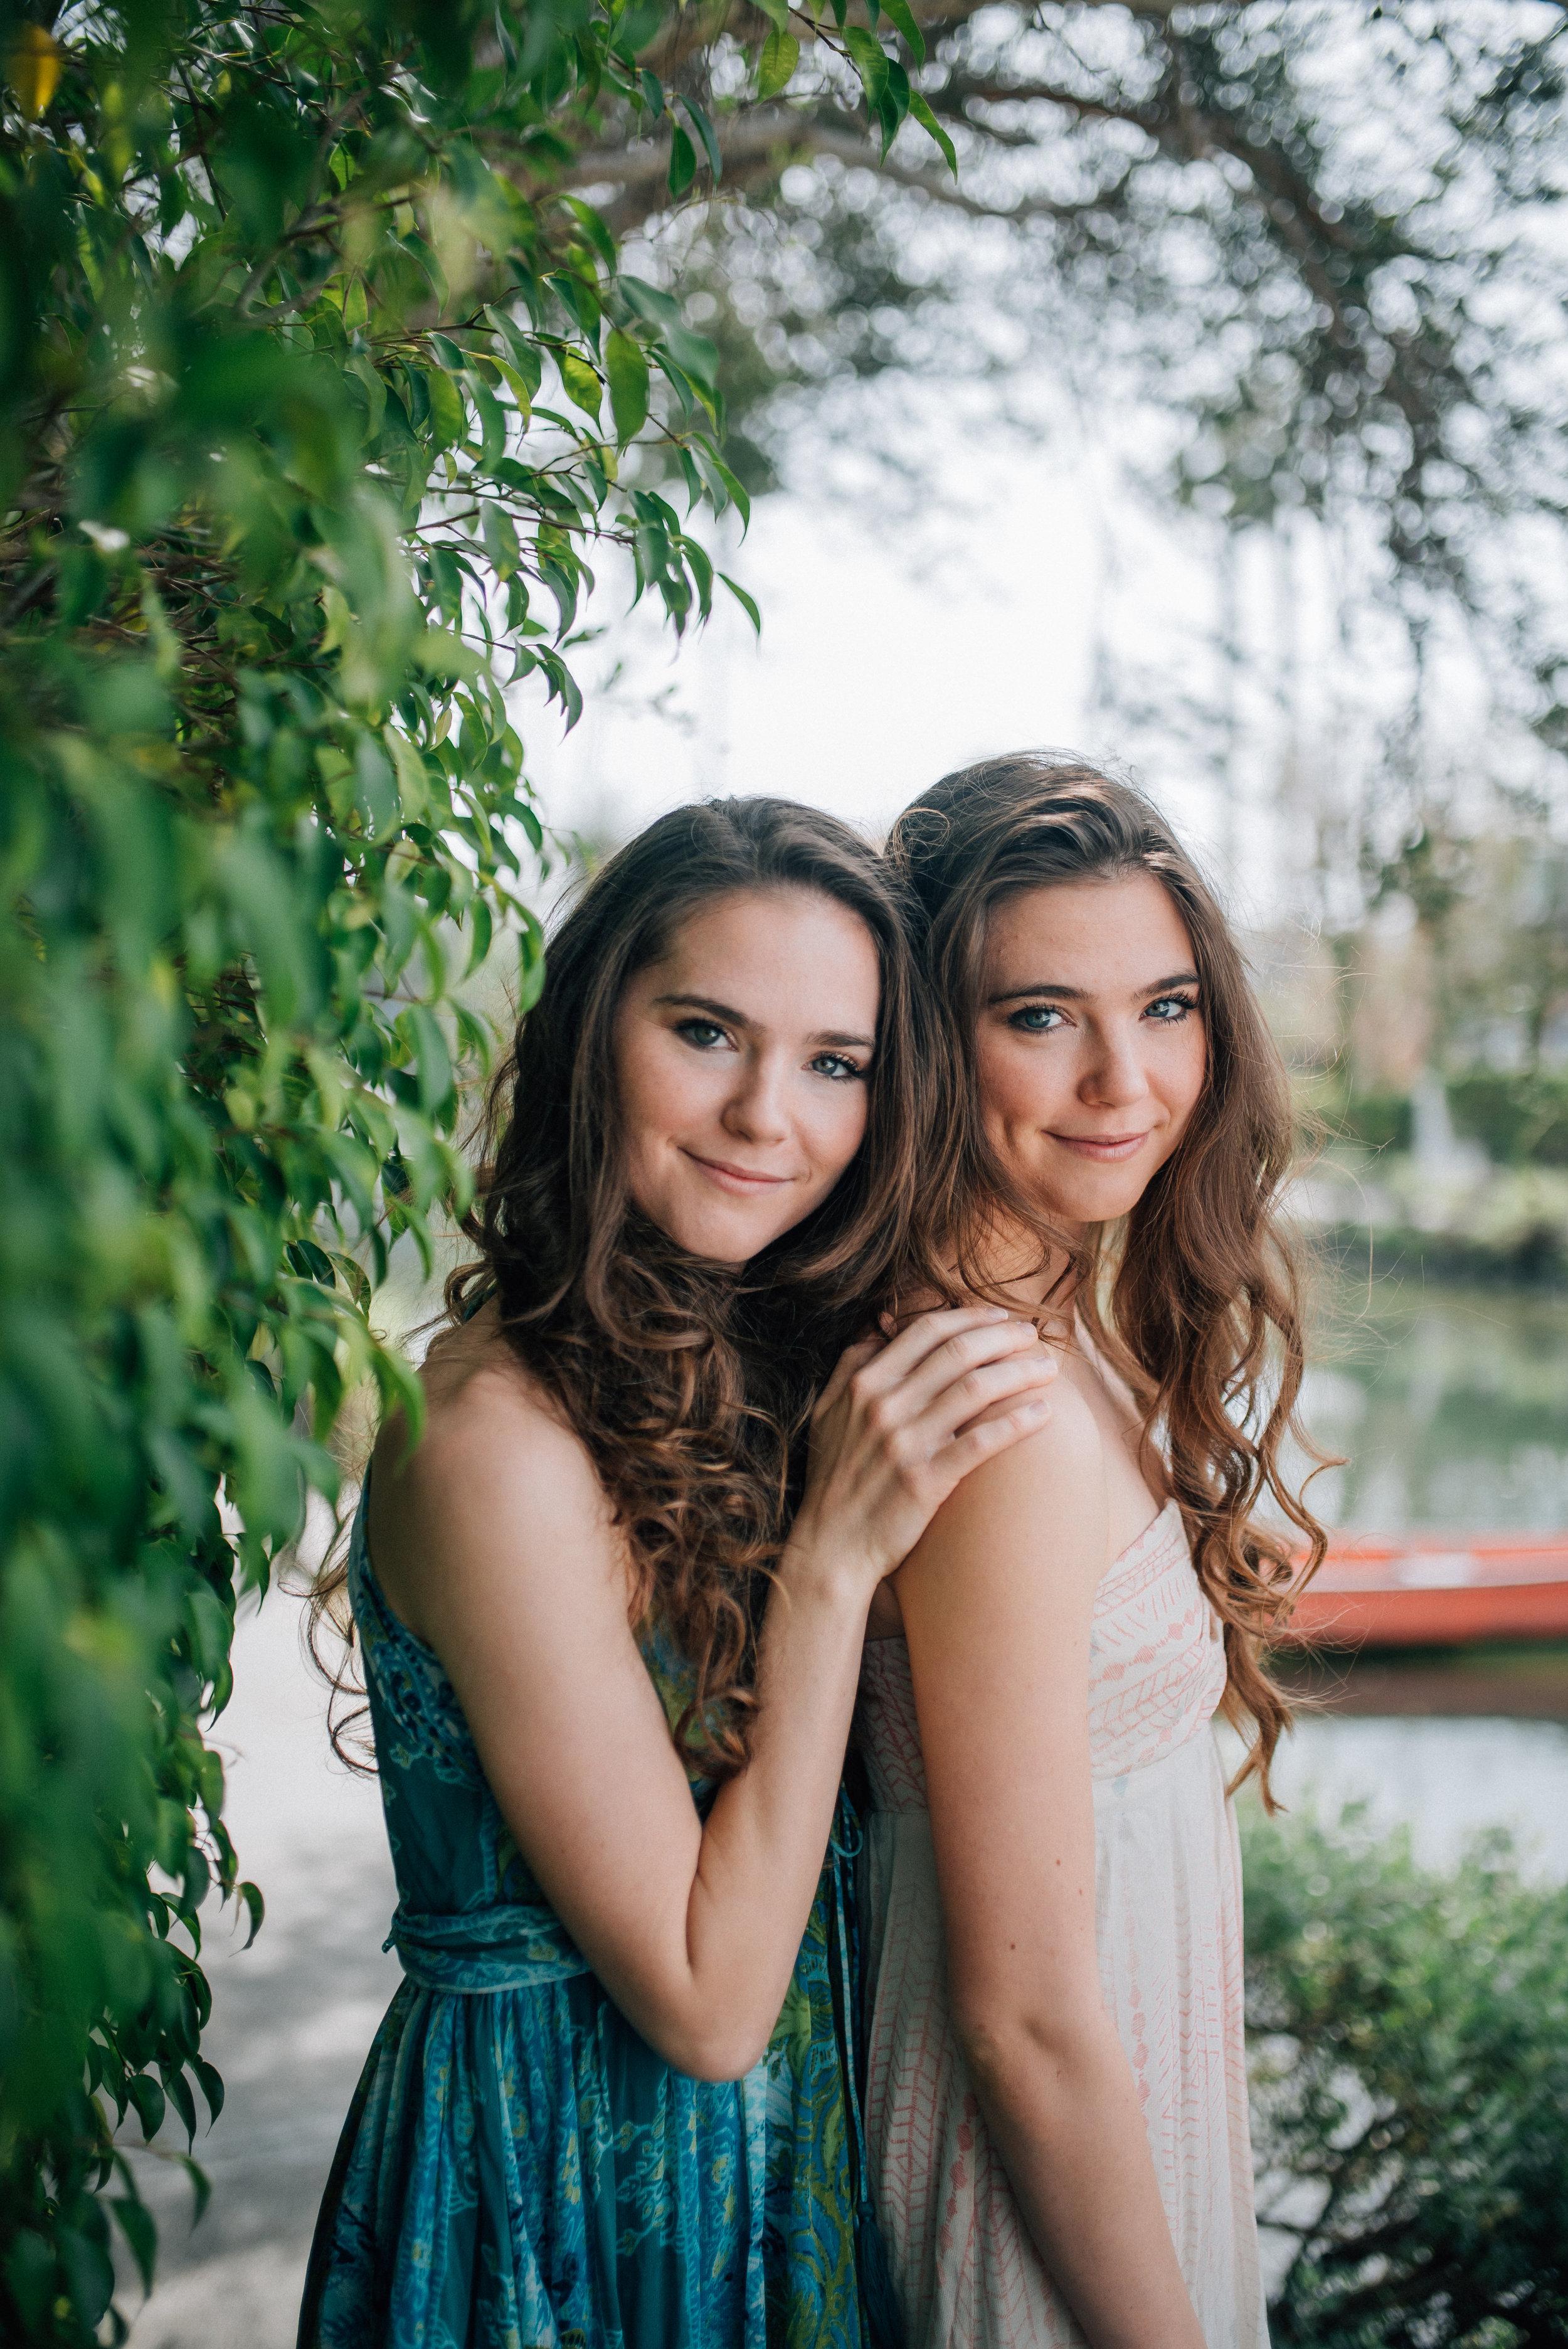 Nina and Randa Nelson